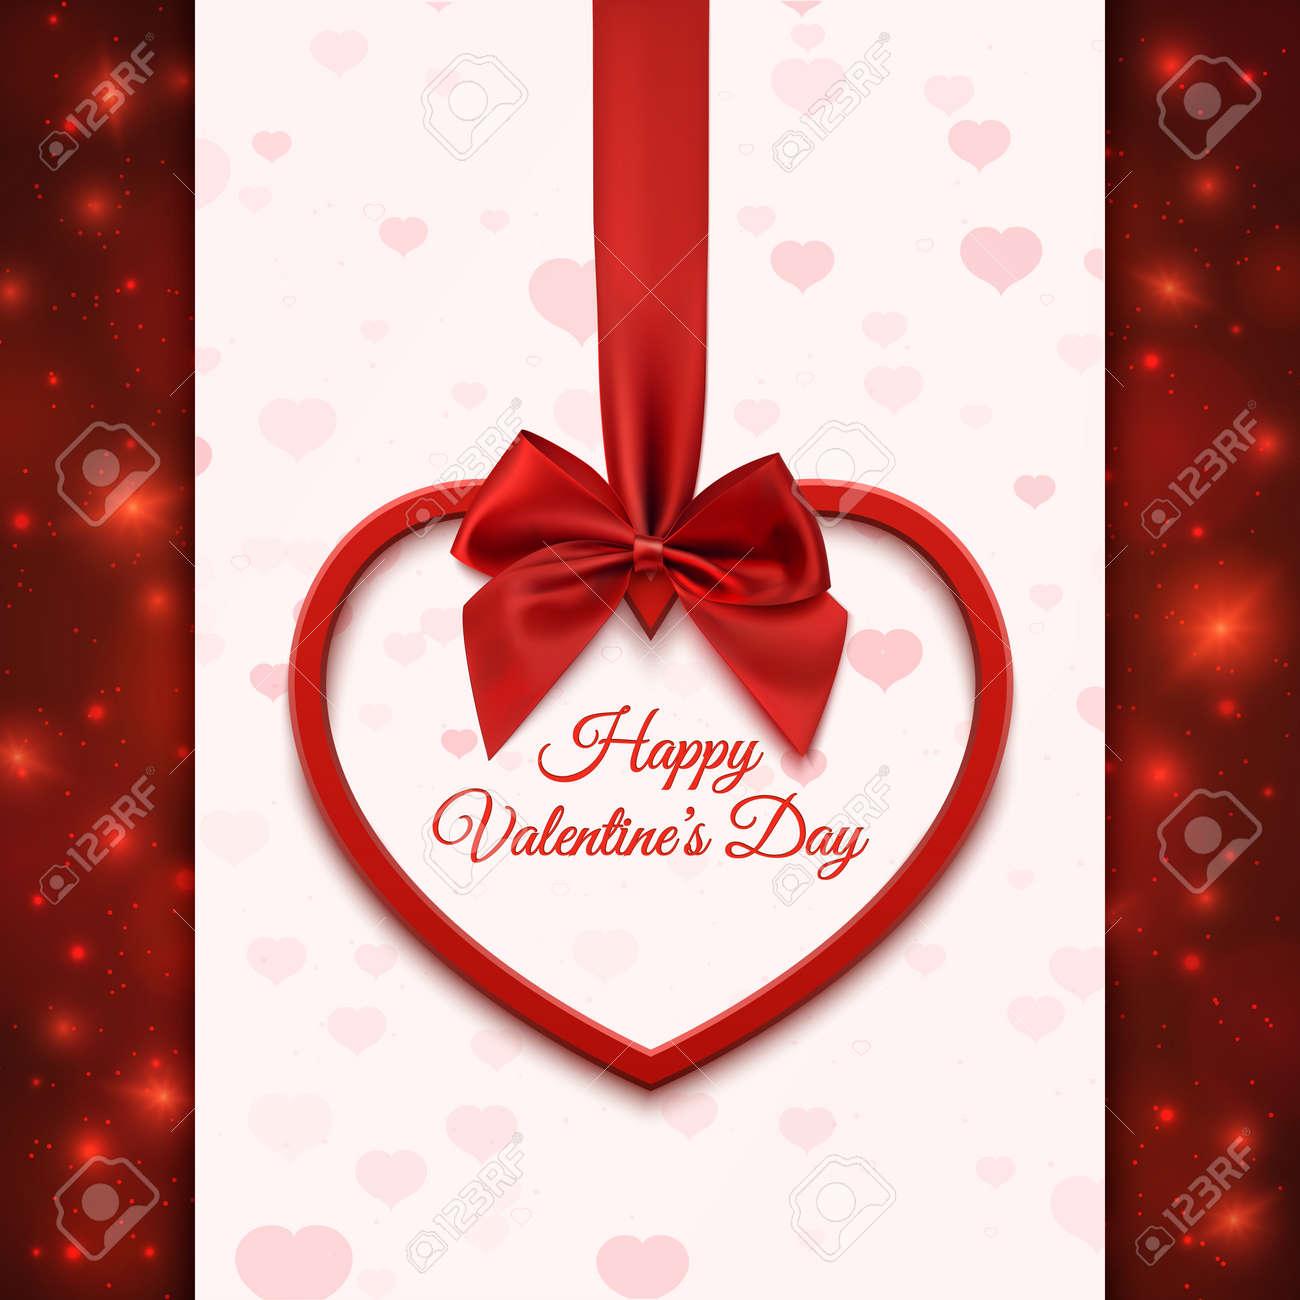 Happy Valentines Tag Grußkartenvorlage. Rotes Herz Mit Rotem Band ...